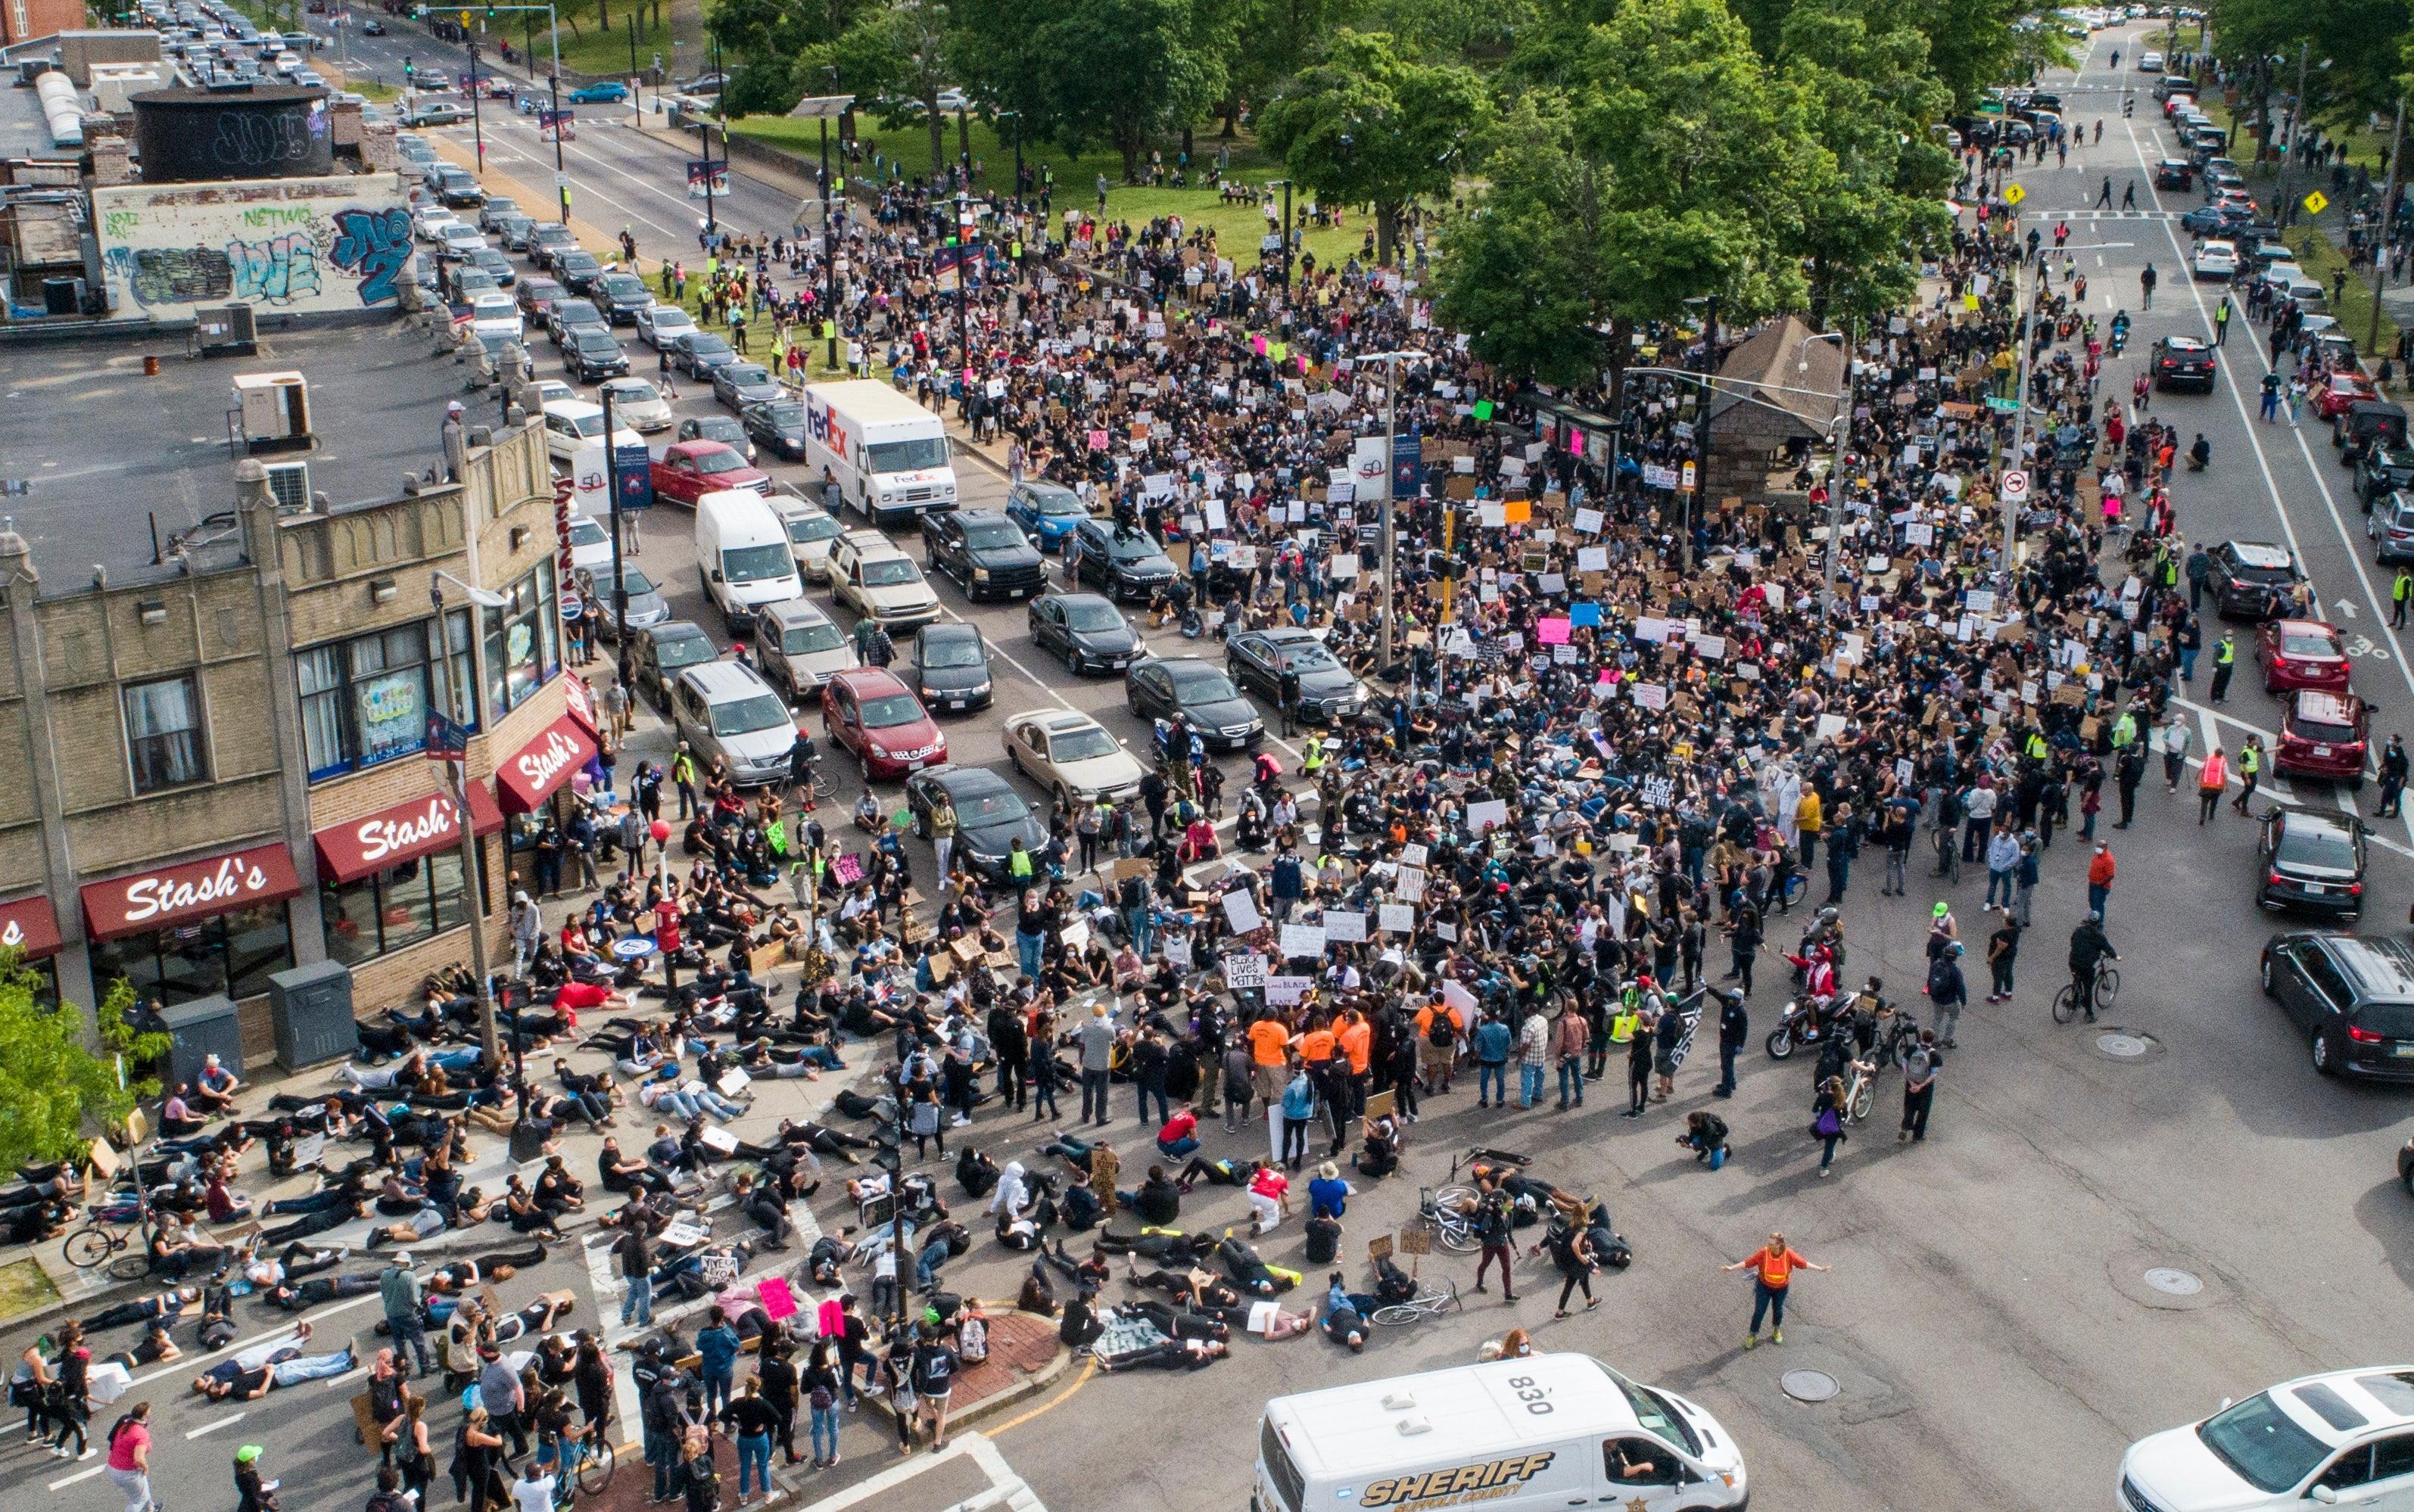 boston protest die in